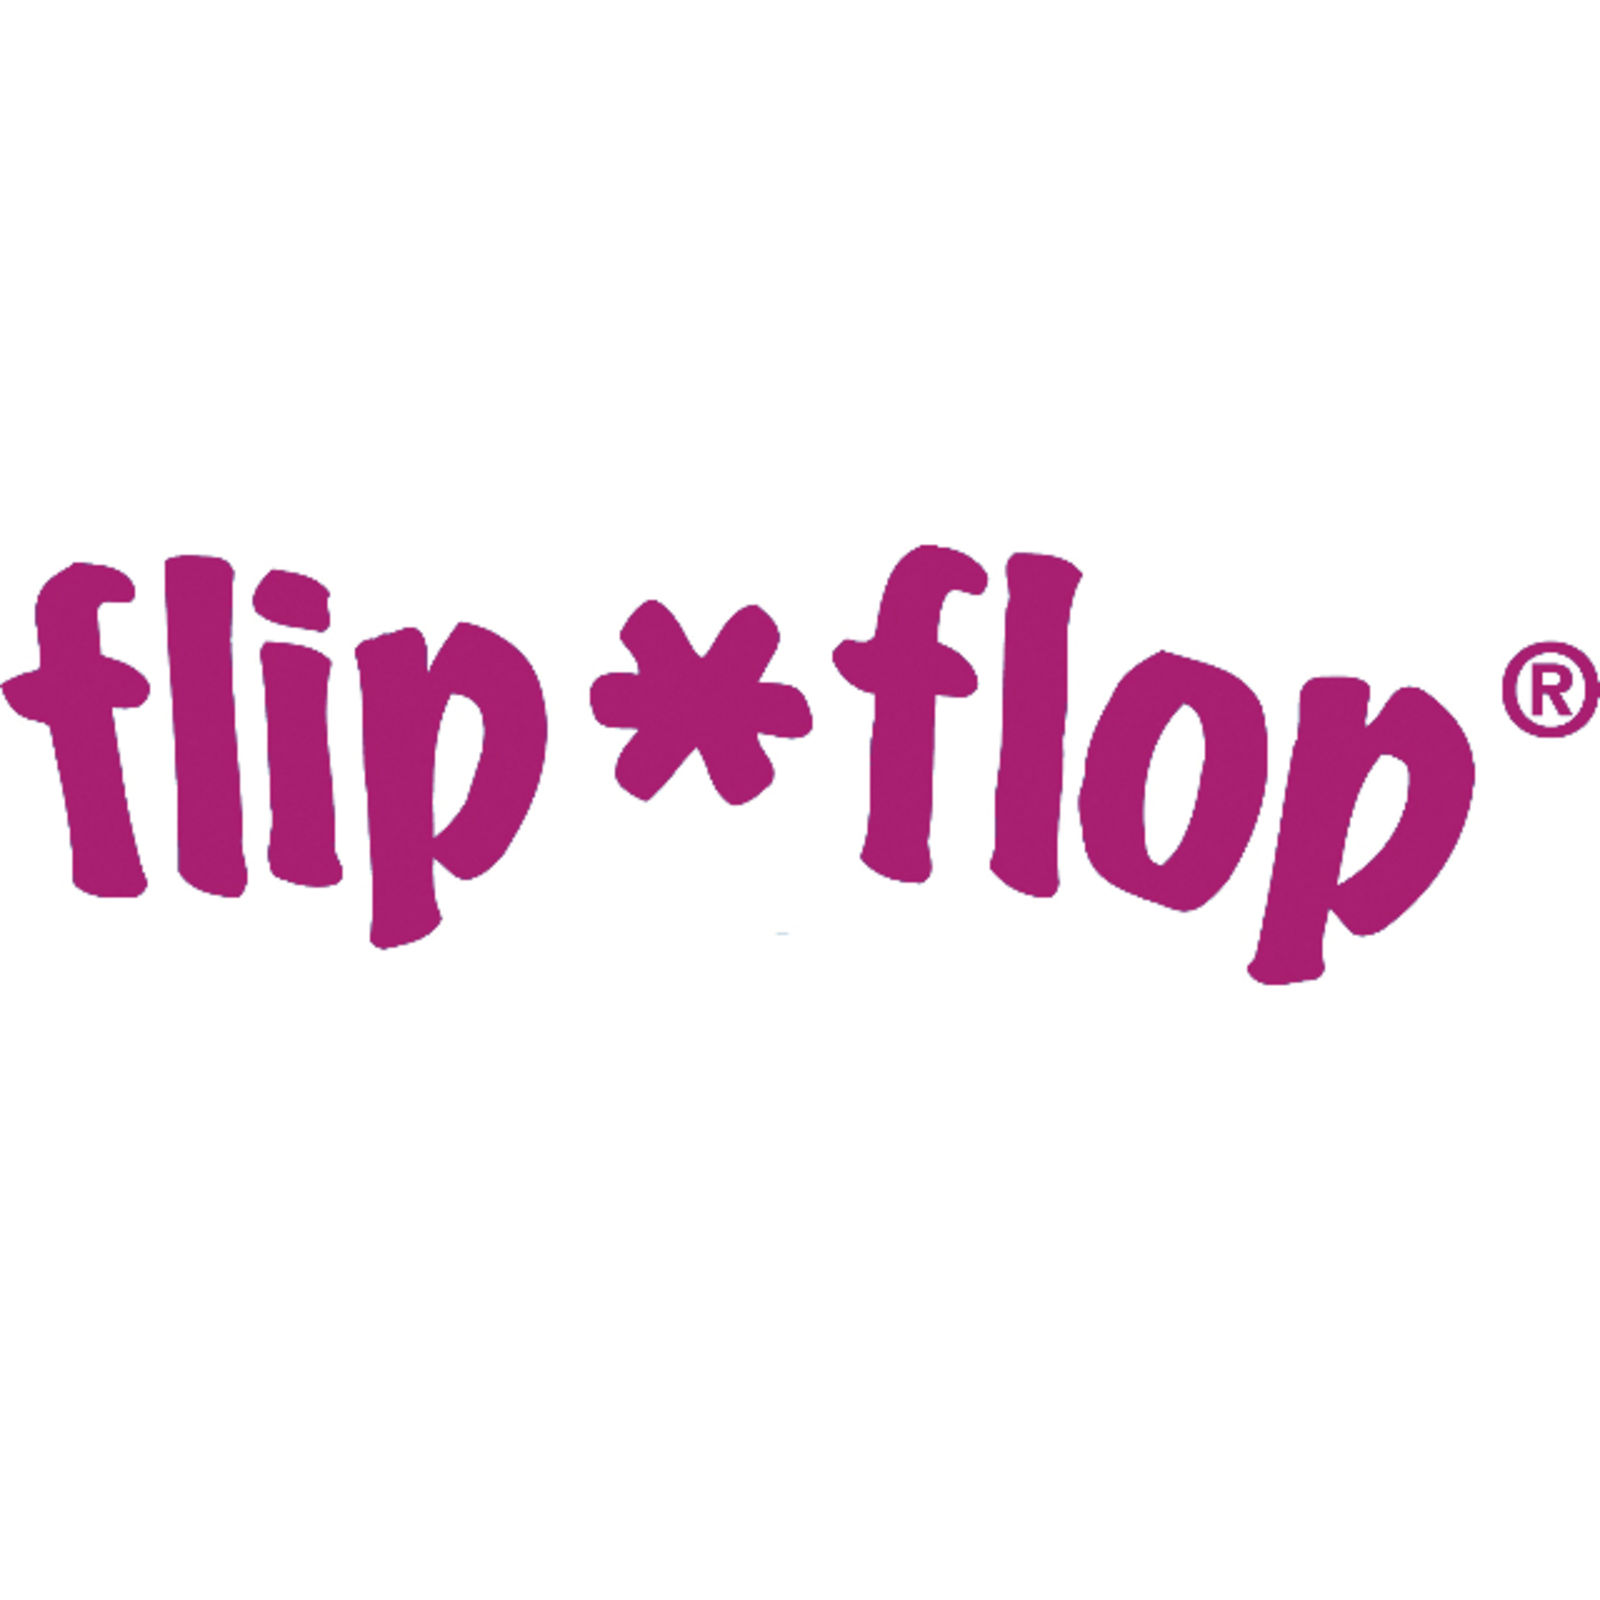 flip*flop (Image 1)